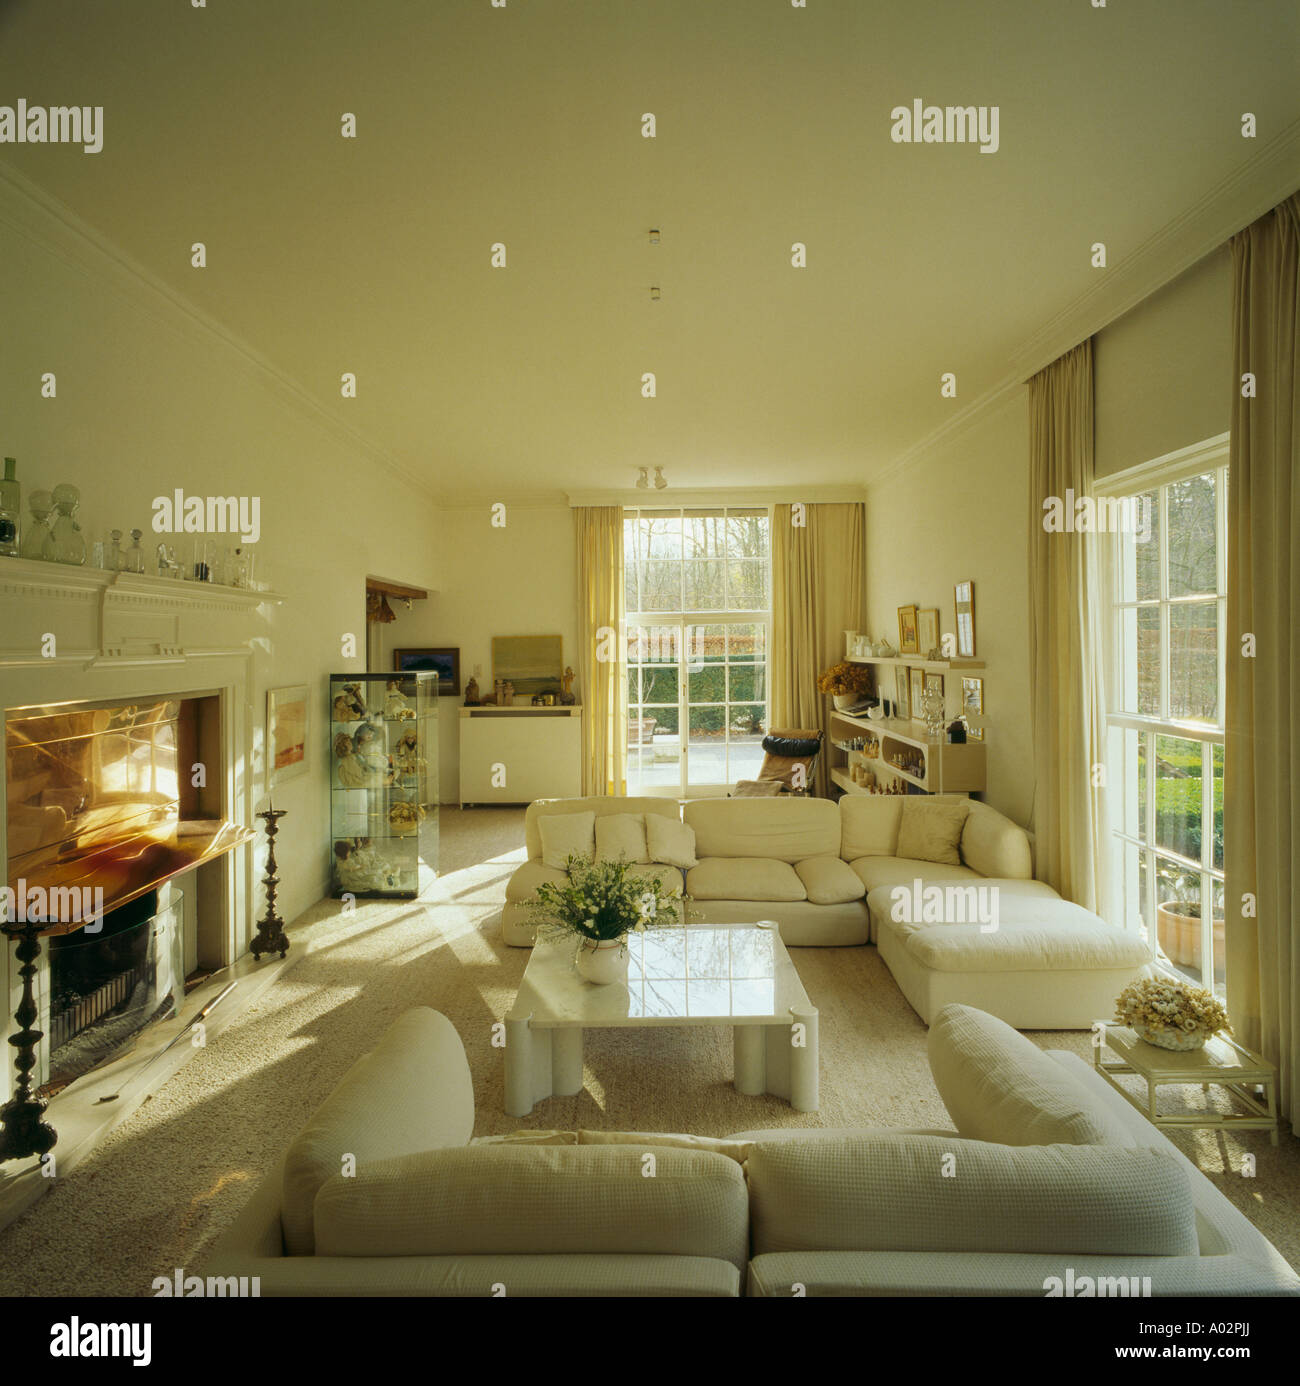 neutrale moderne wohnzimmer, neutrale wohnzimmer mit modernen möbeln in schwedischen landhaus, Ideen entwickeln